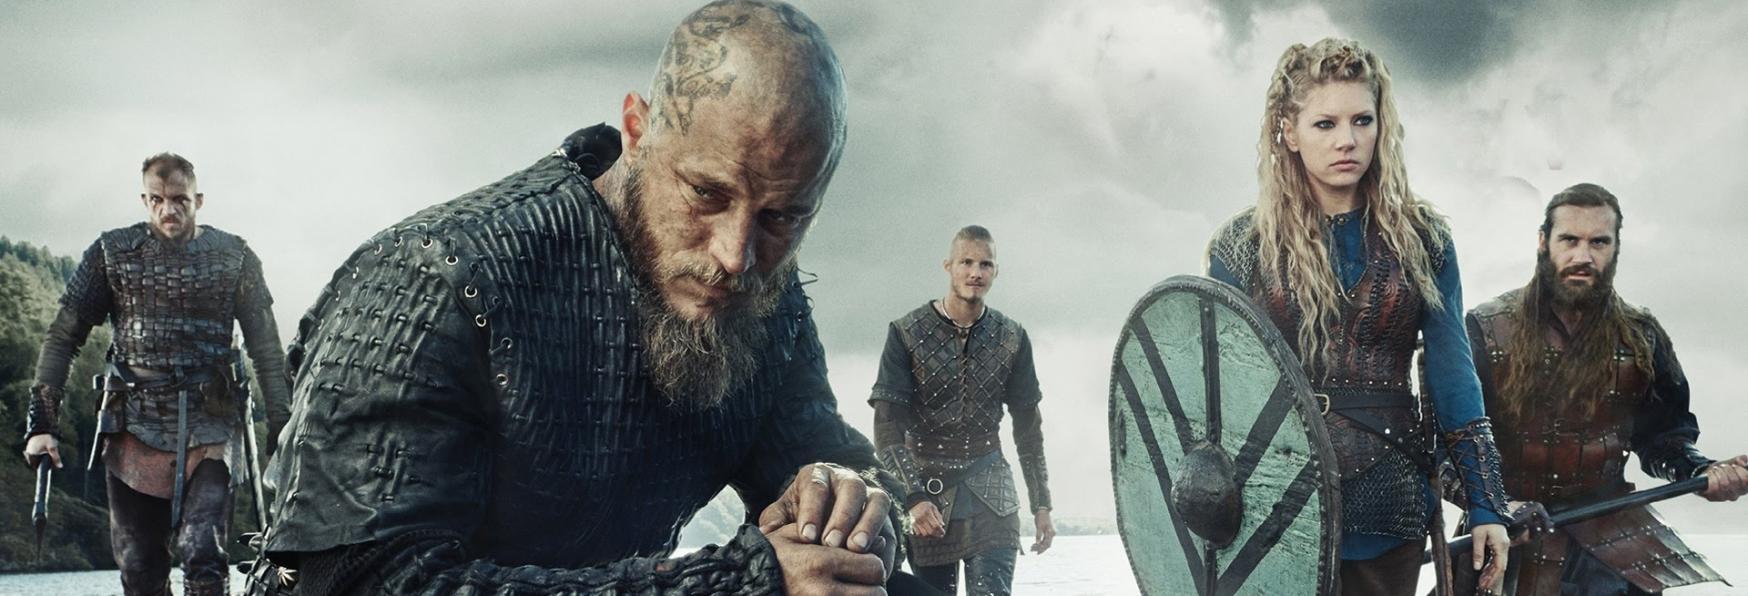 Vikings: Valhalla - Quando debutterà la Serie TV Spin-off?